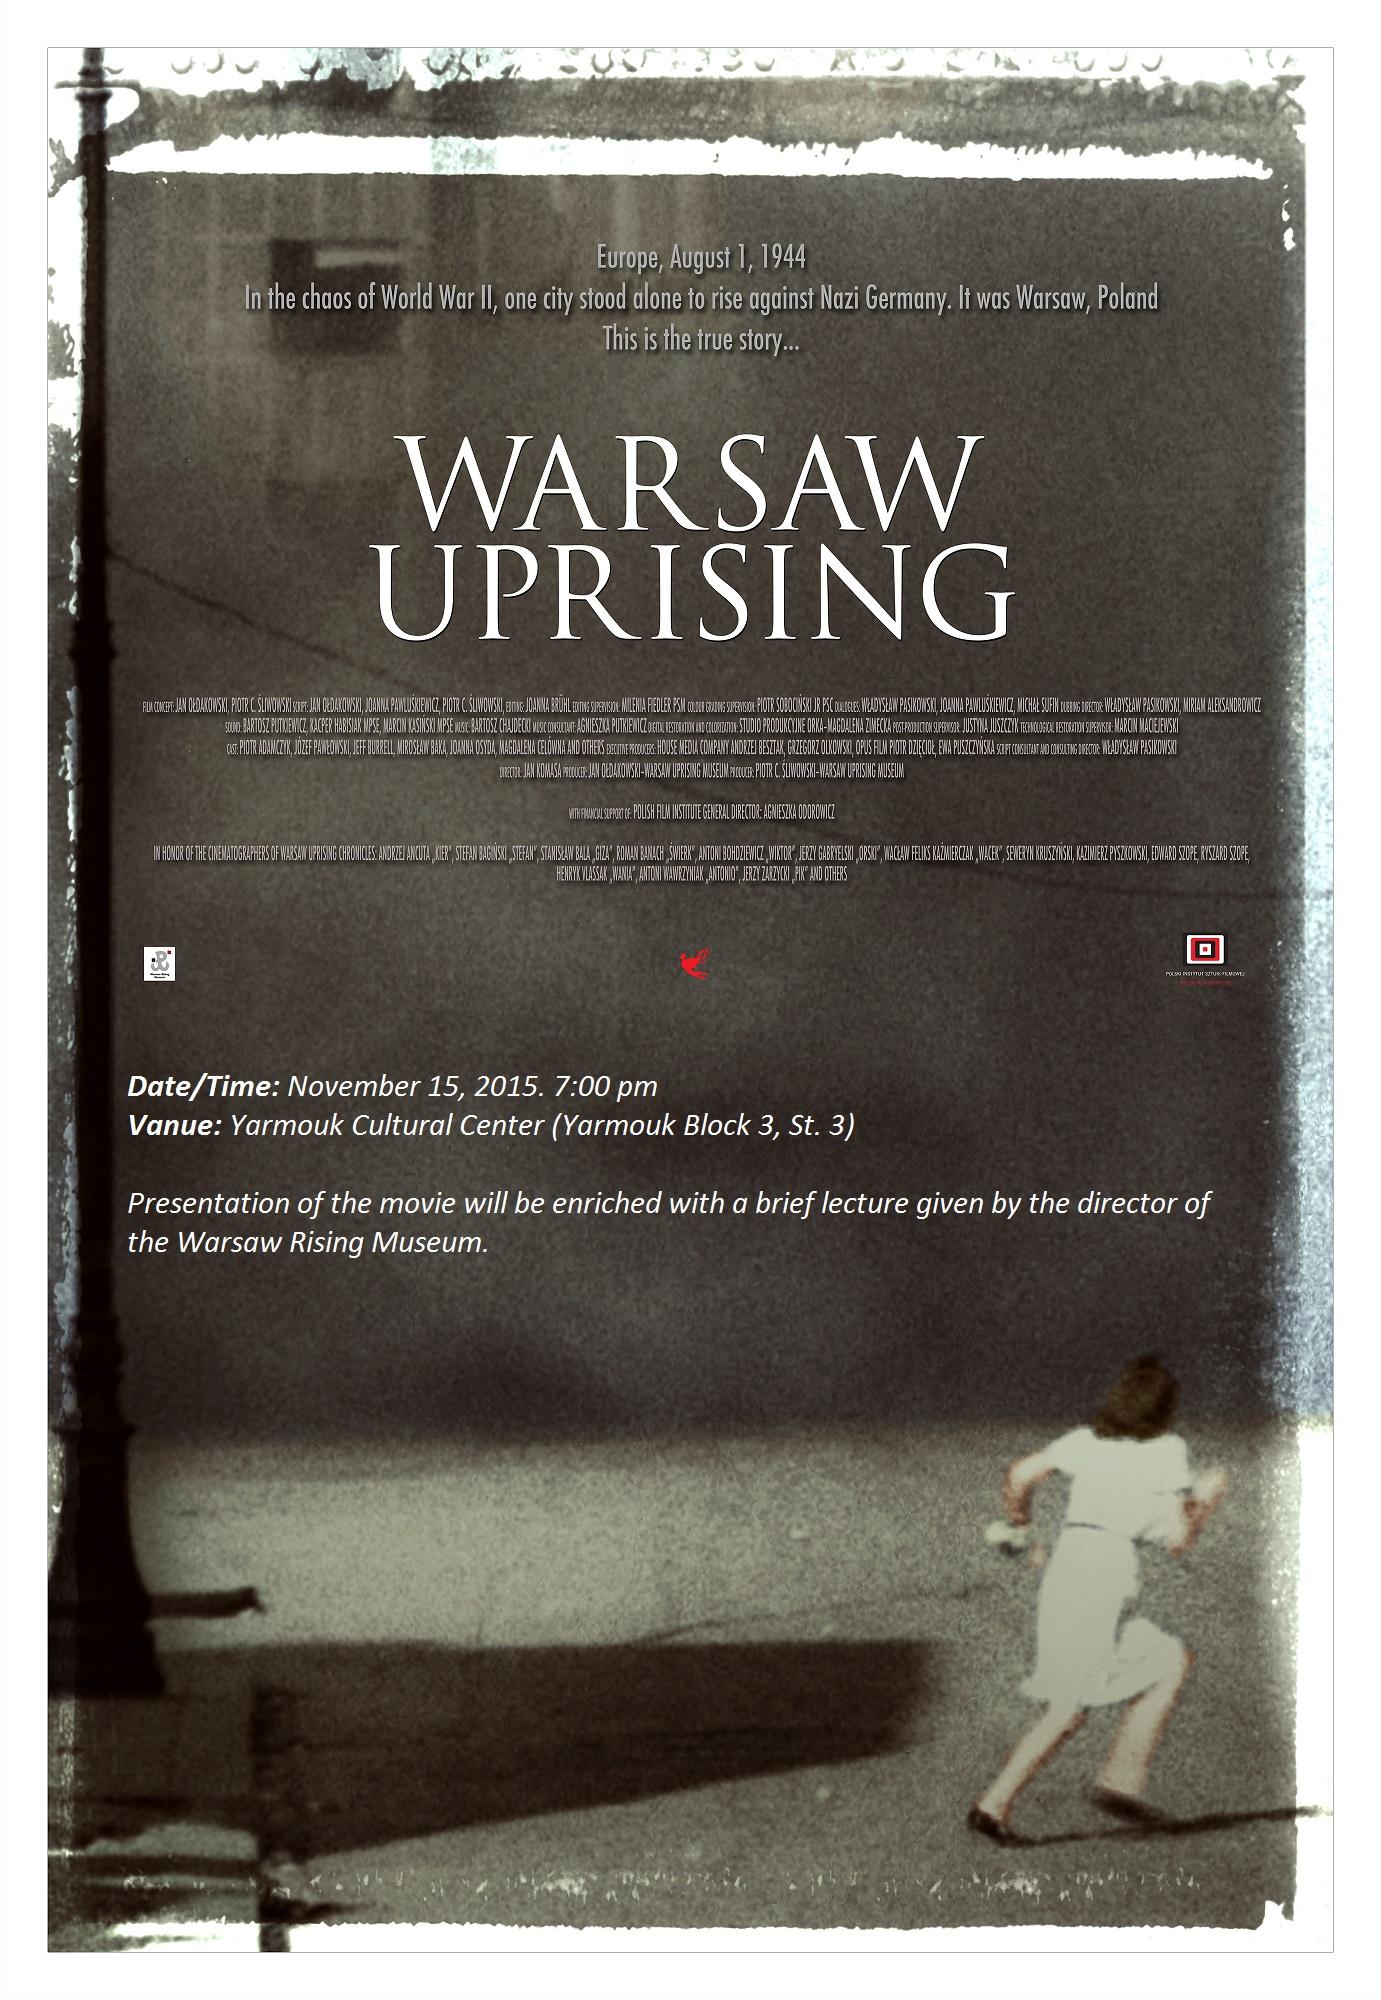 WarsawUprising_poster 7 pm